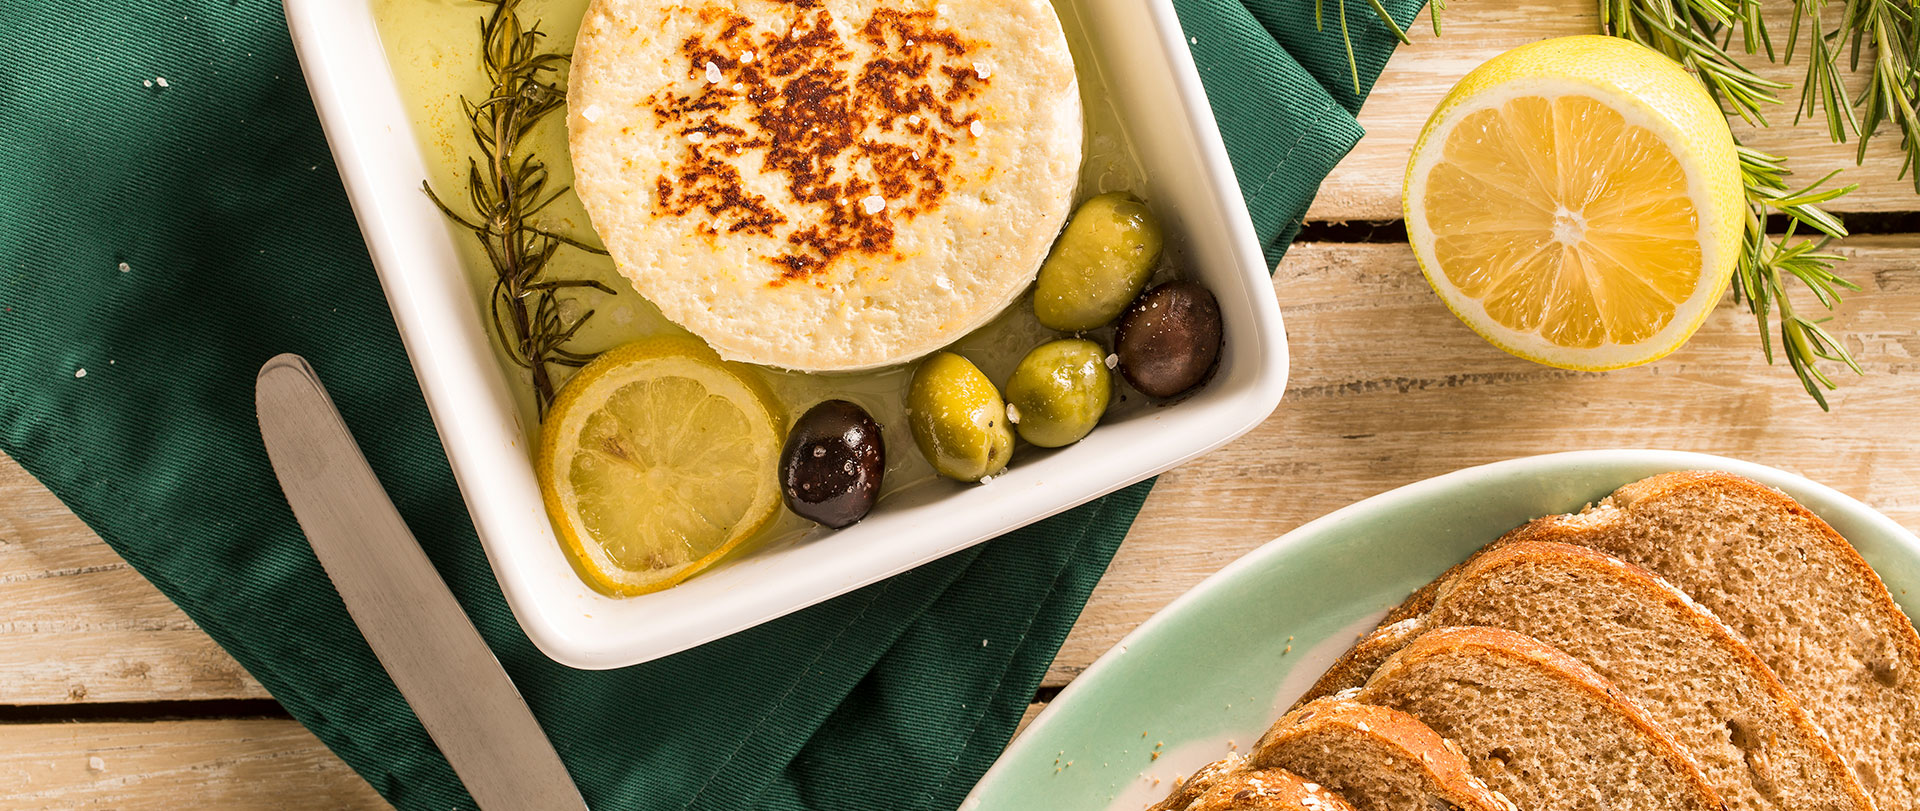 Queijo com azeite, azeitonas e limão, servido com pão integral